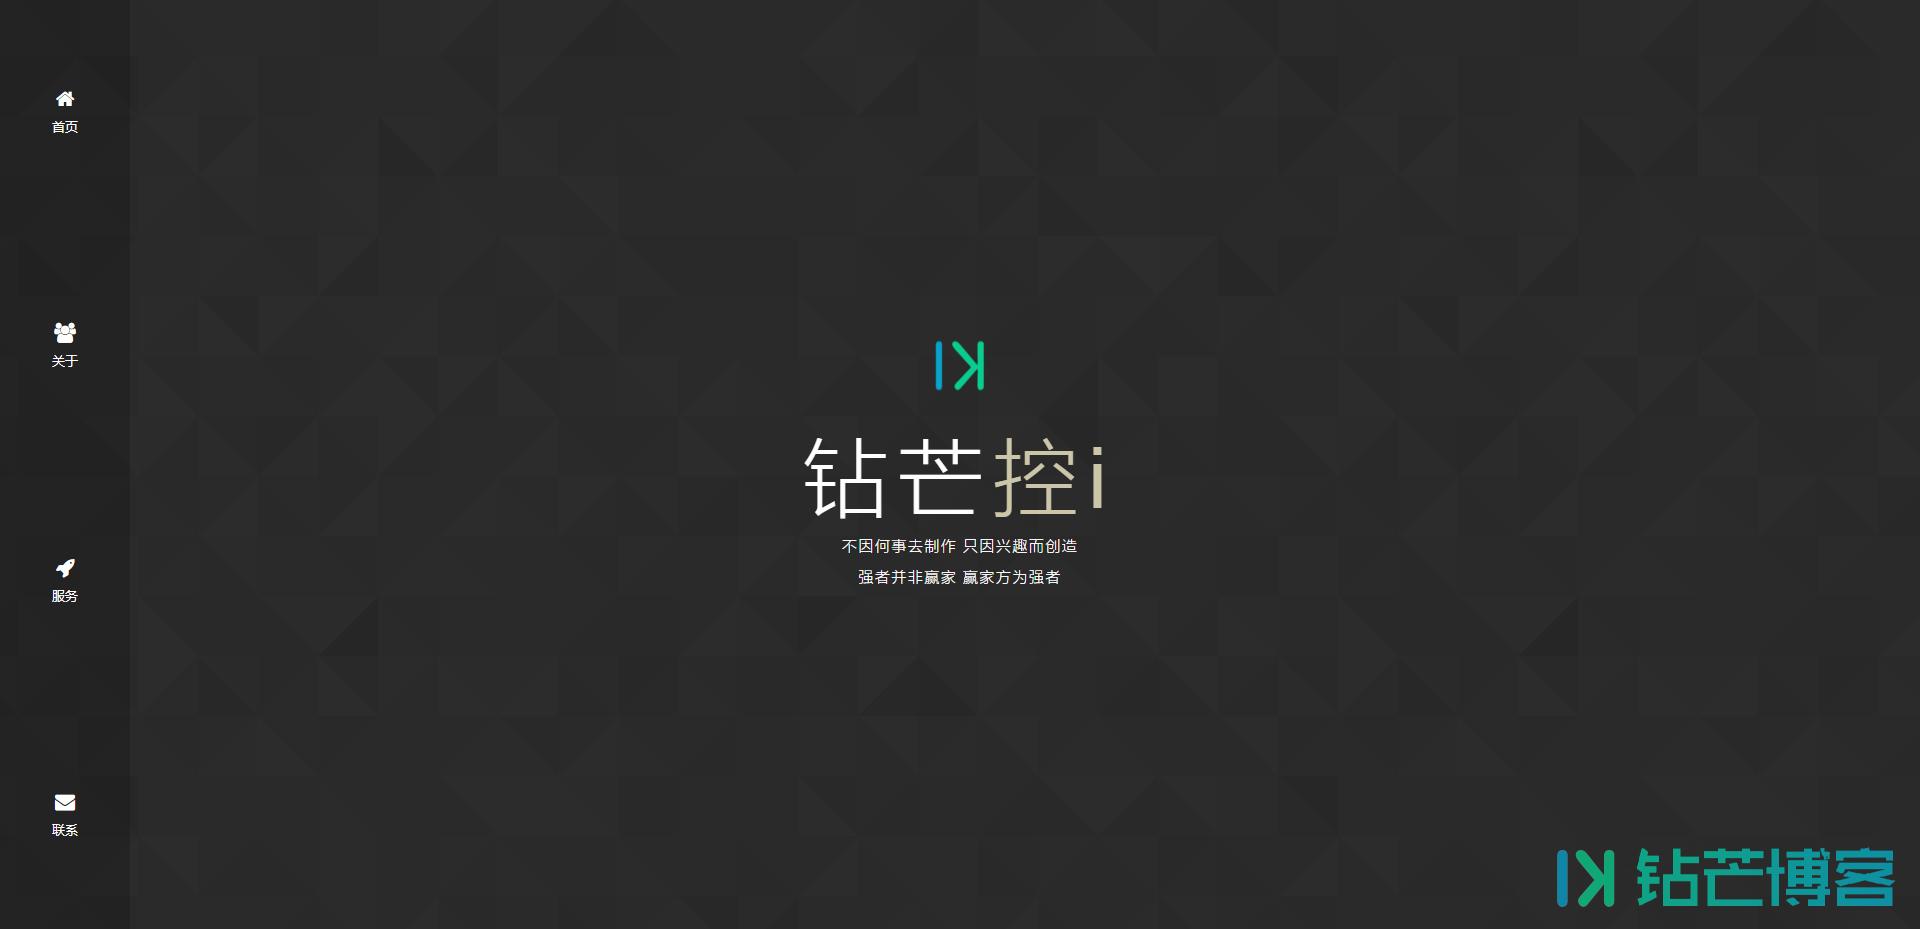 黑色简约团队介绍源码-钻芒博客